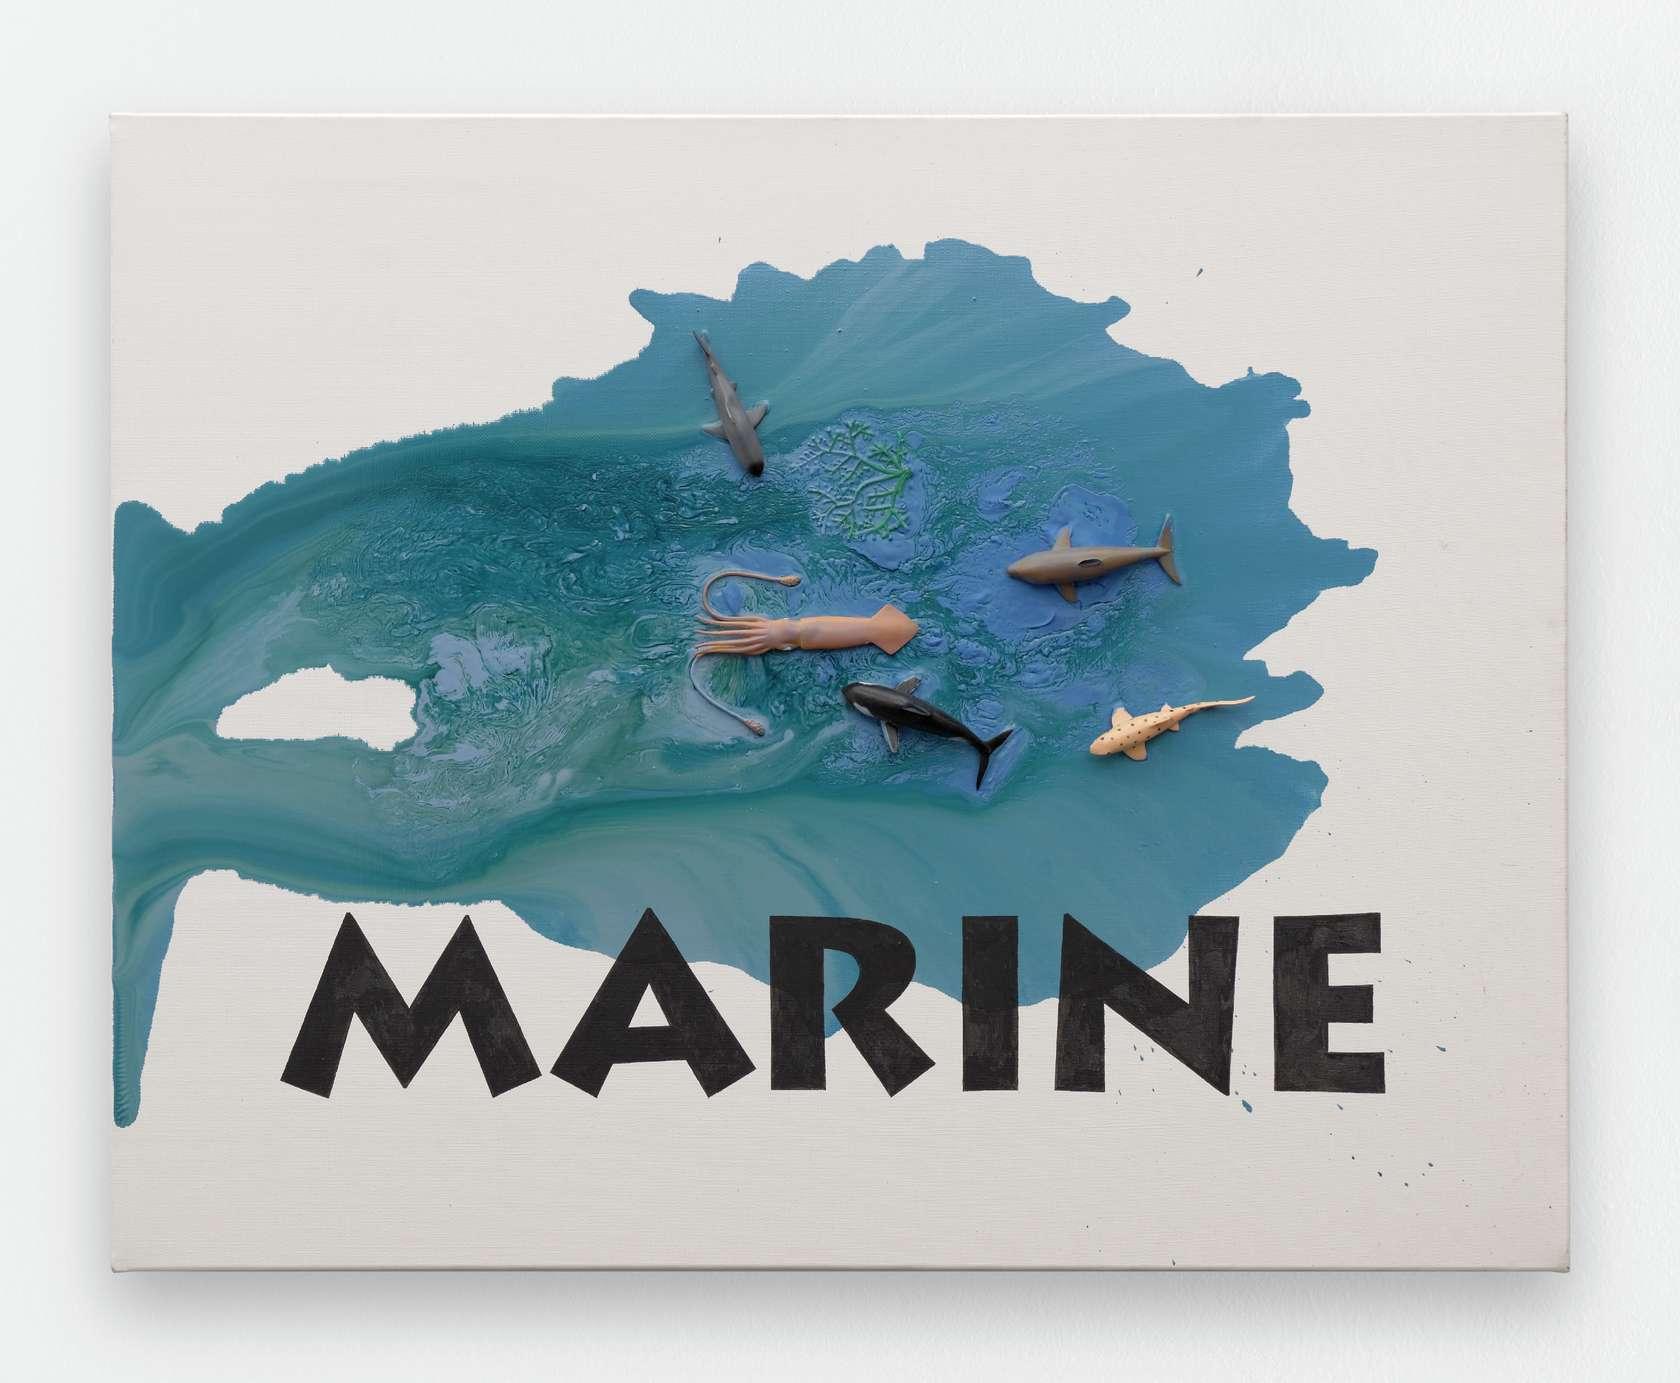 Ernest T., Marine, 2014 Peinture glycéro et figurines en plastiques sur toile 73 x 92cm / 28 6/8 x 36 2/8inches